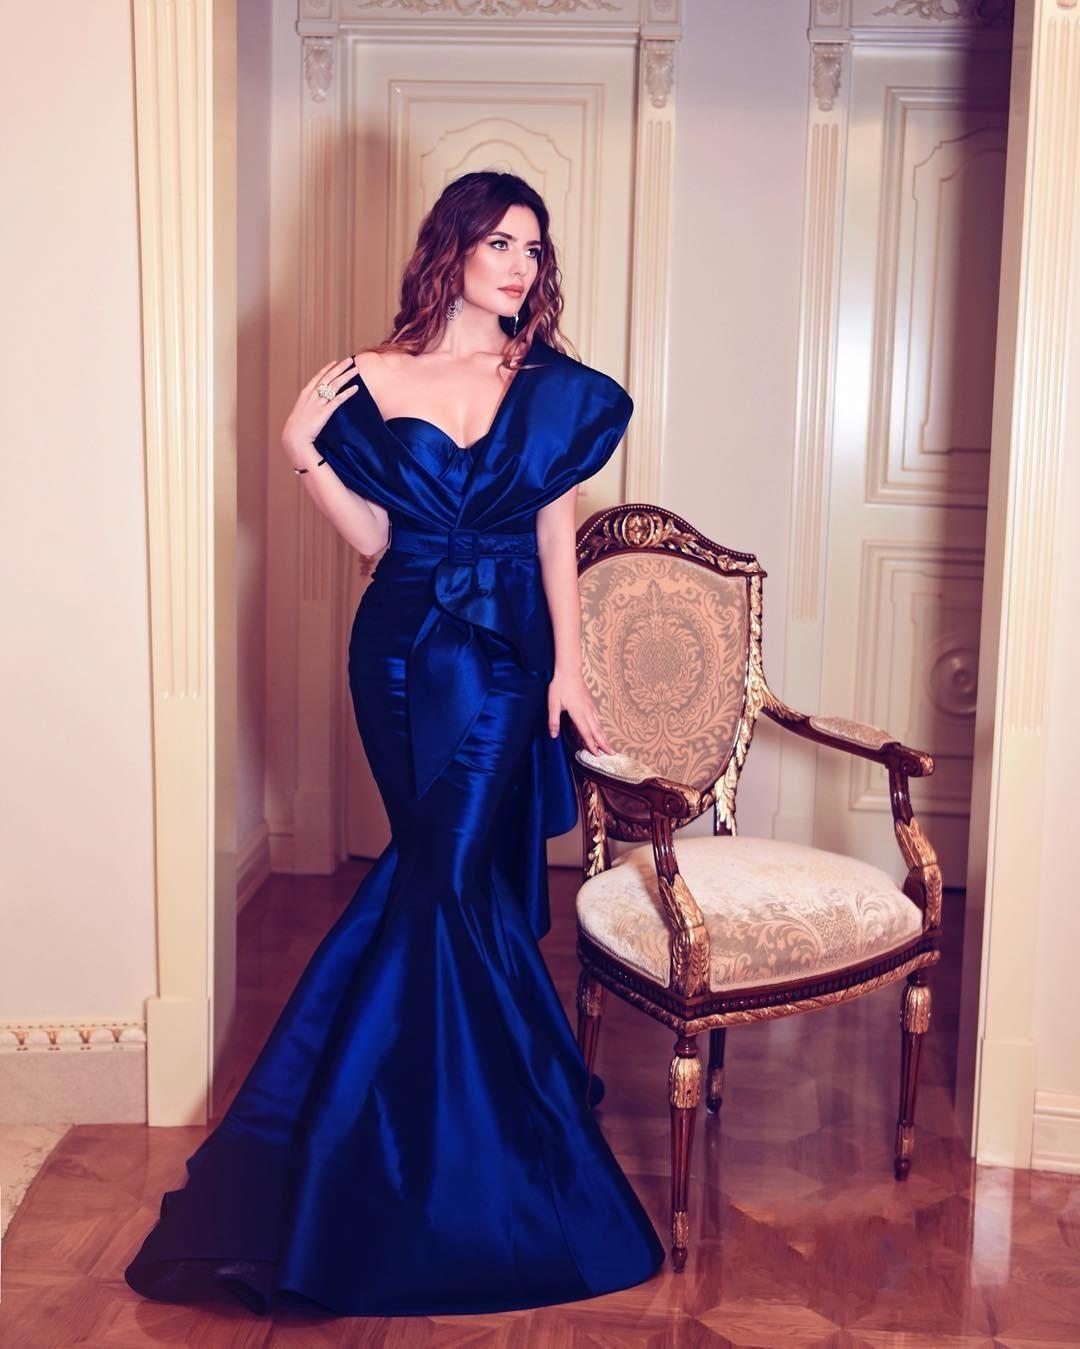 1eb4f6ae3f02e7 Großhandel Günstige Diamant Blau Lange Abendkleider Sexy Schulterfrei  Rüschen Geraffte Meerjungfrau Formale Abendkleid Saudi Arabien Promi Party  Kleider Von ...